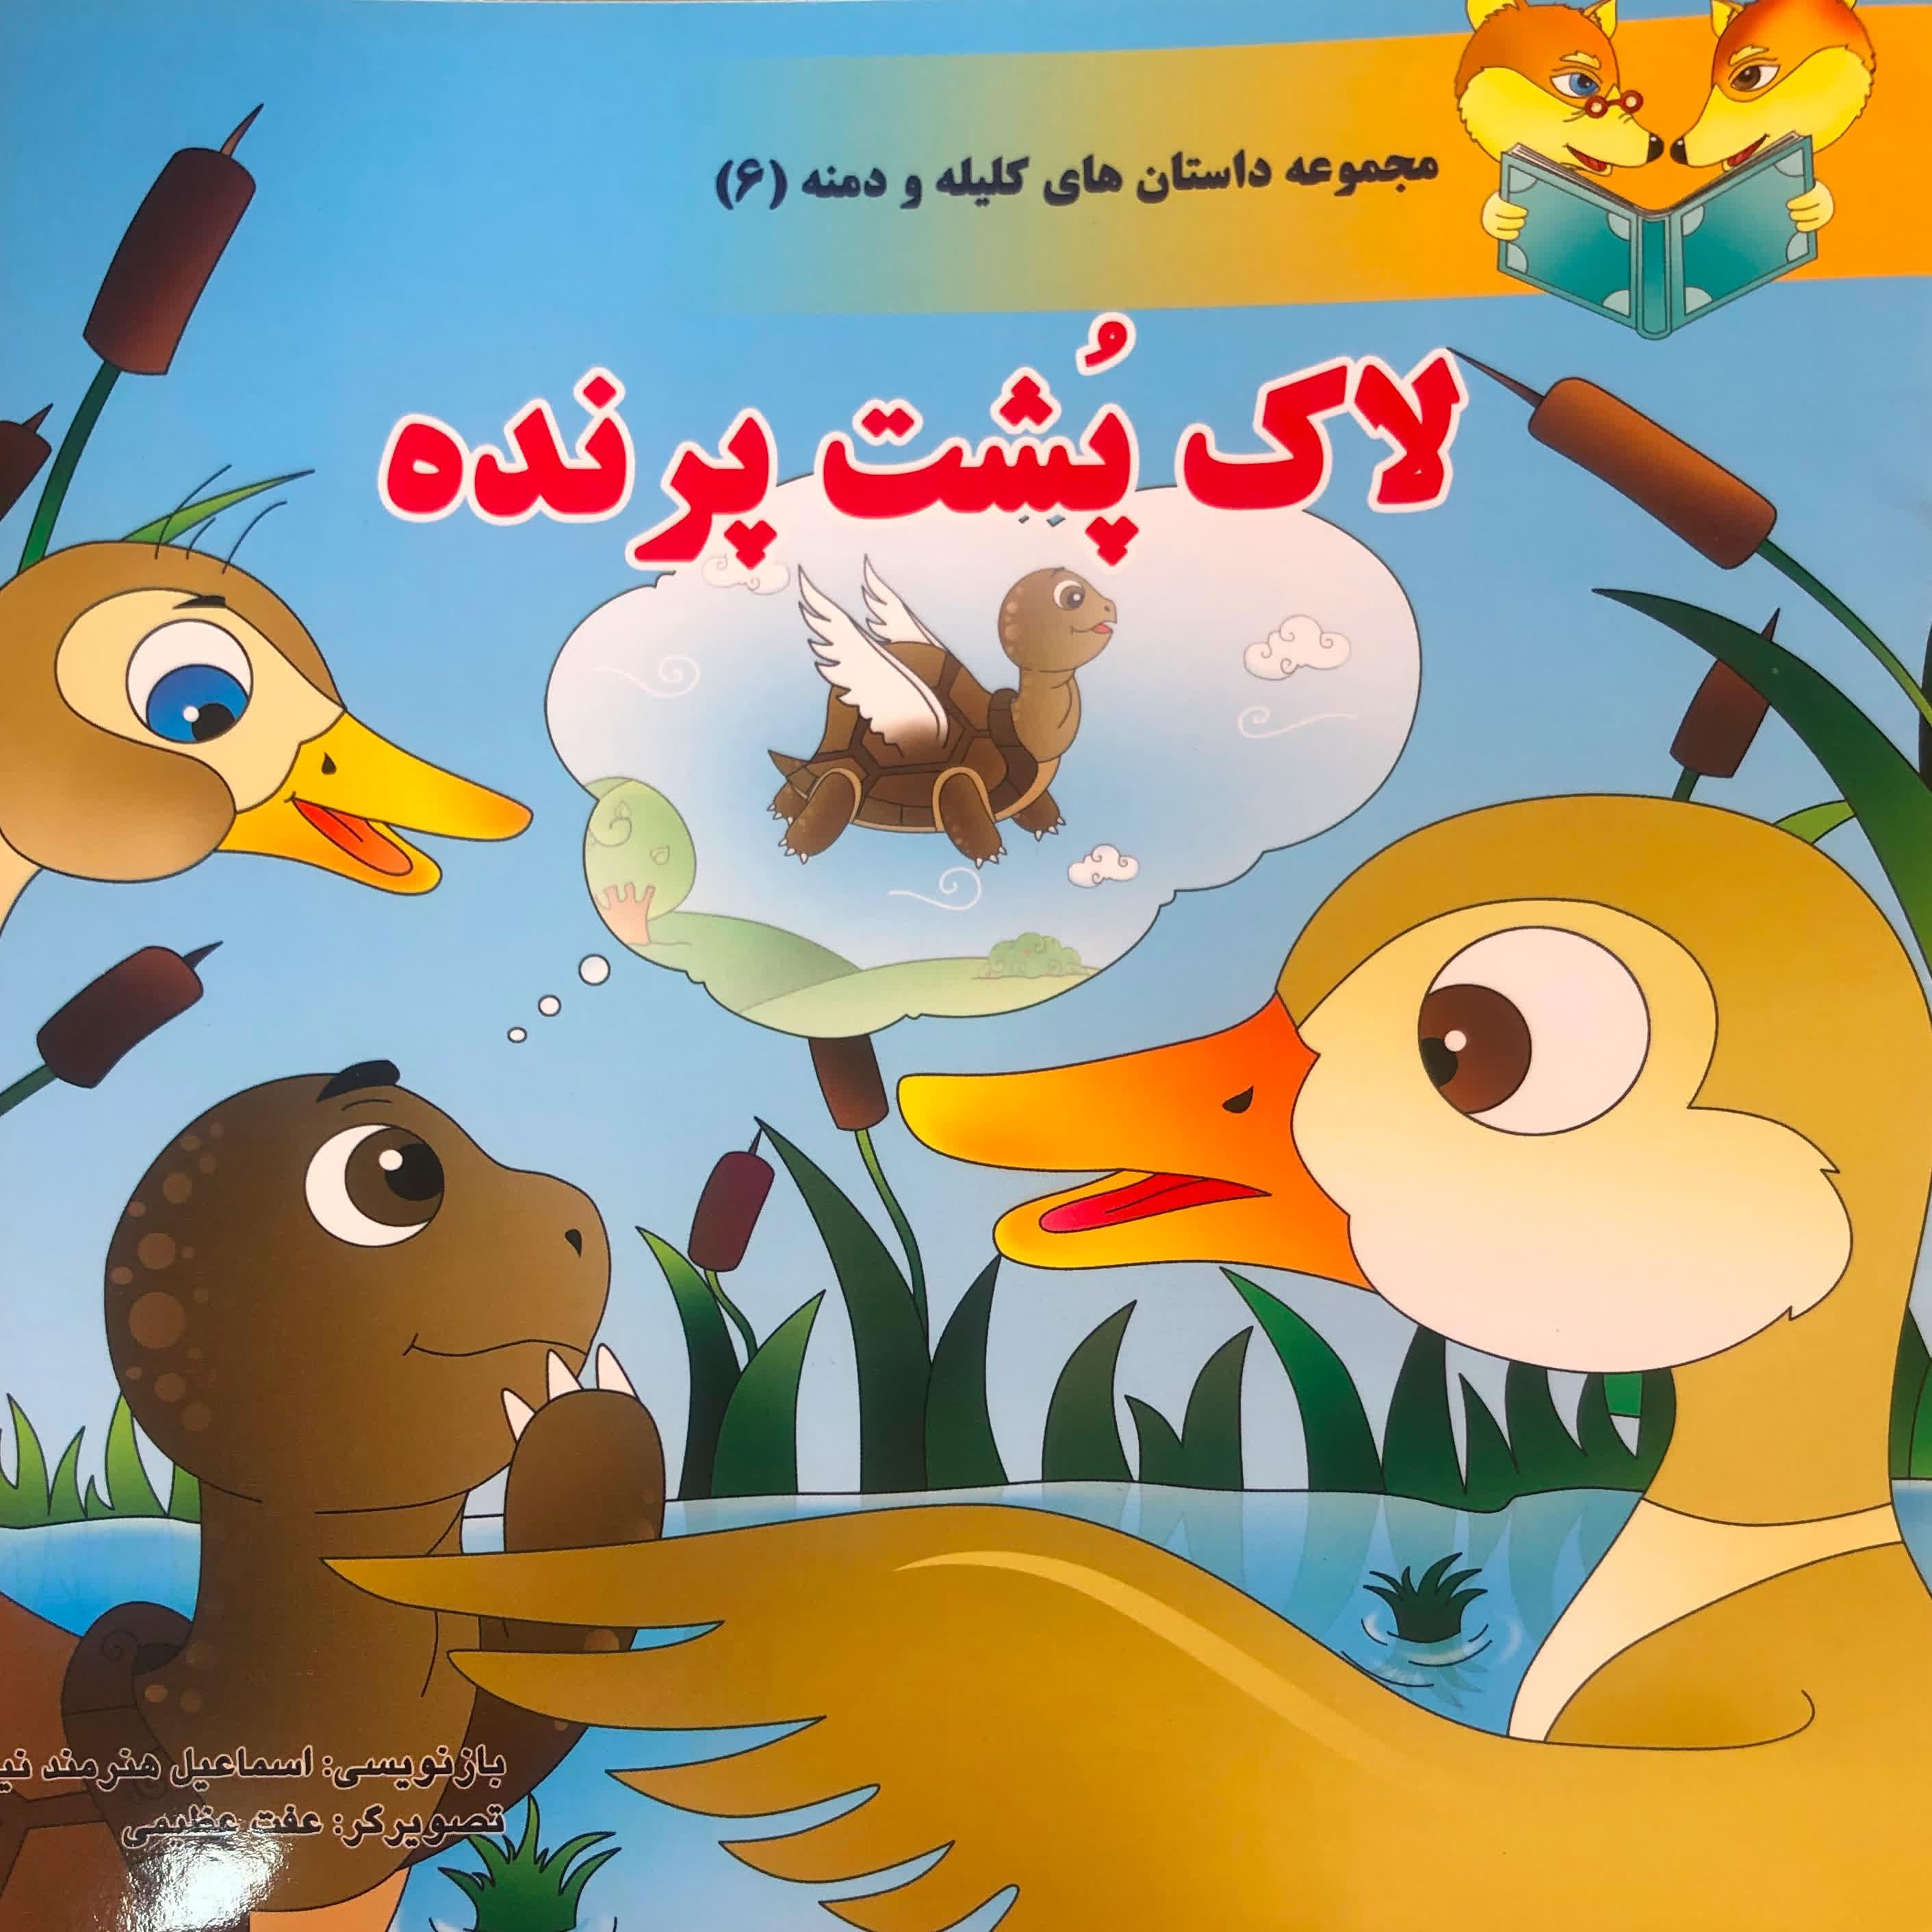 داستان لاکپشت پرنده